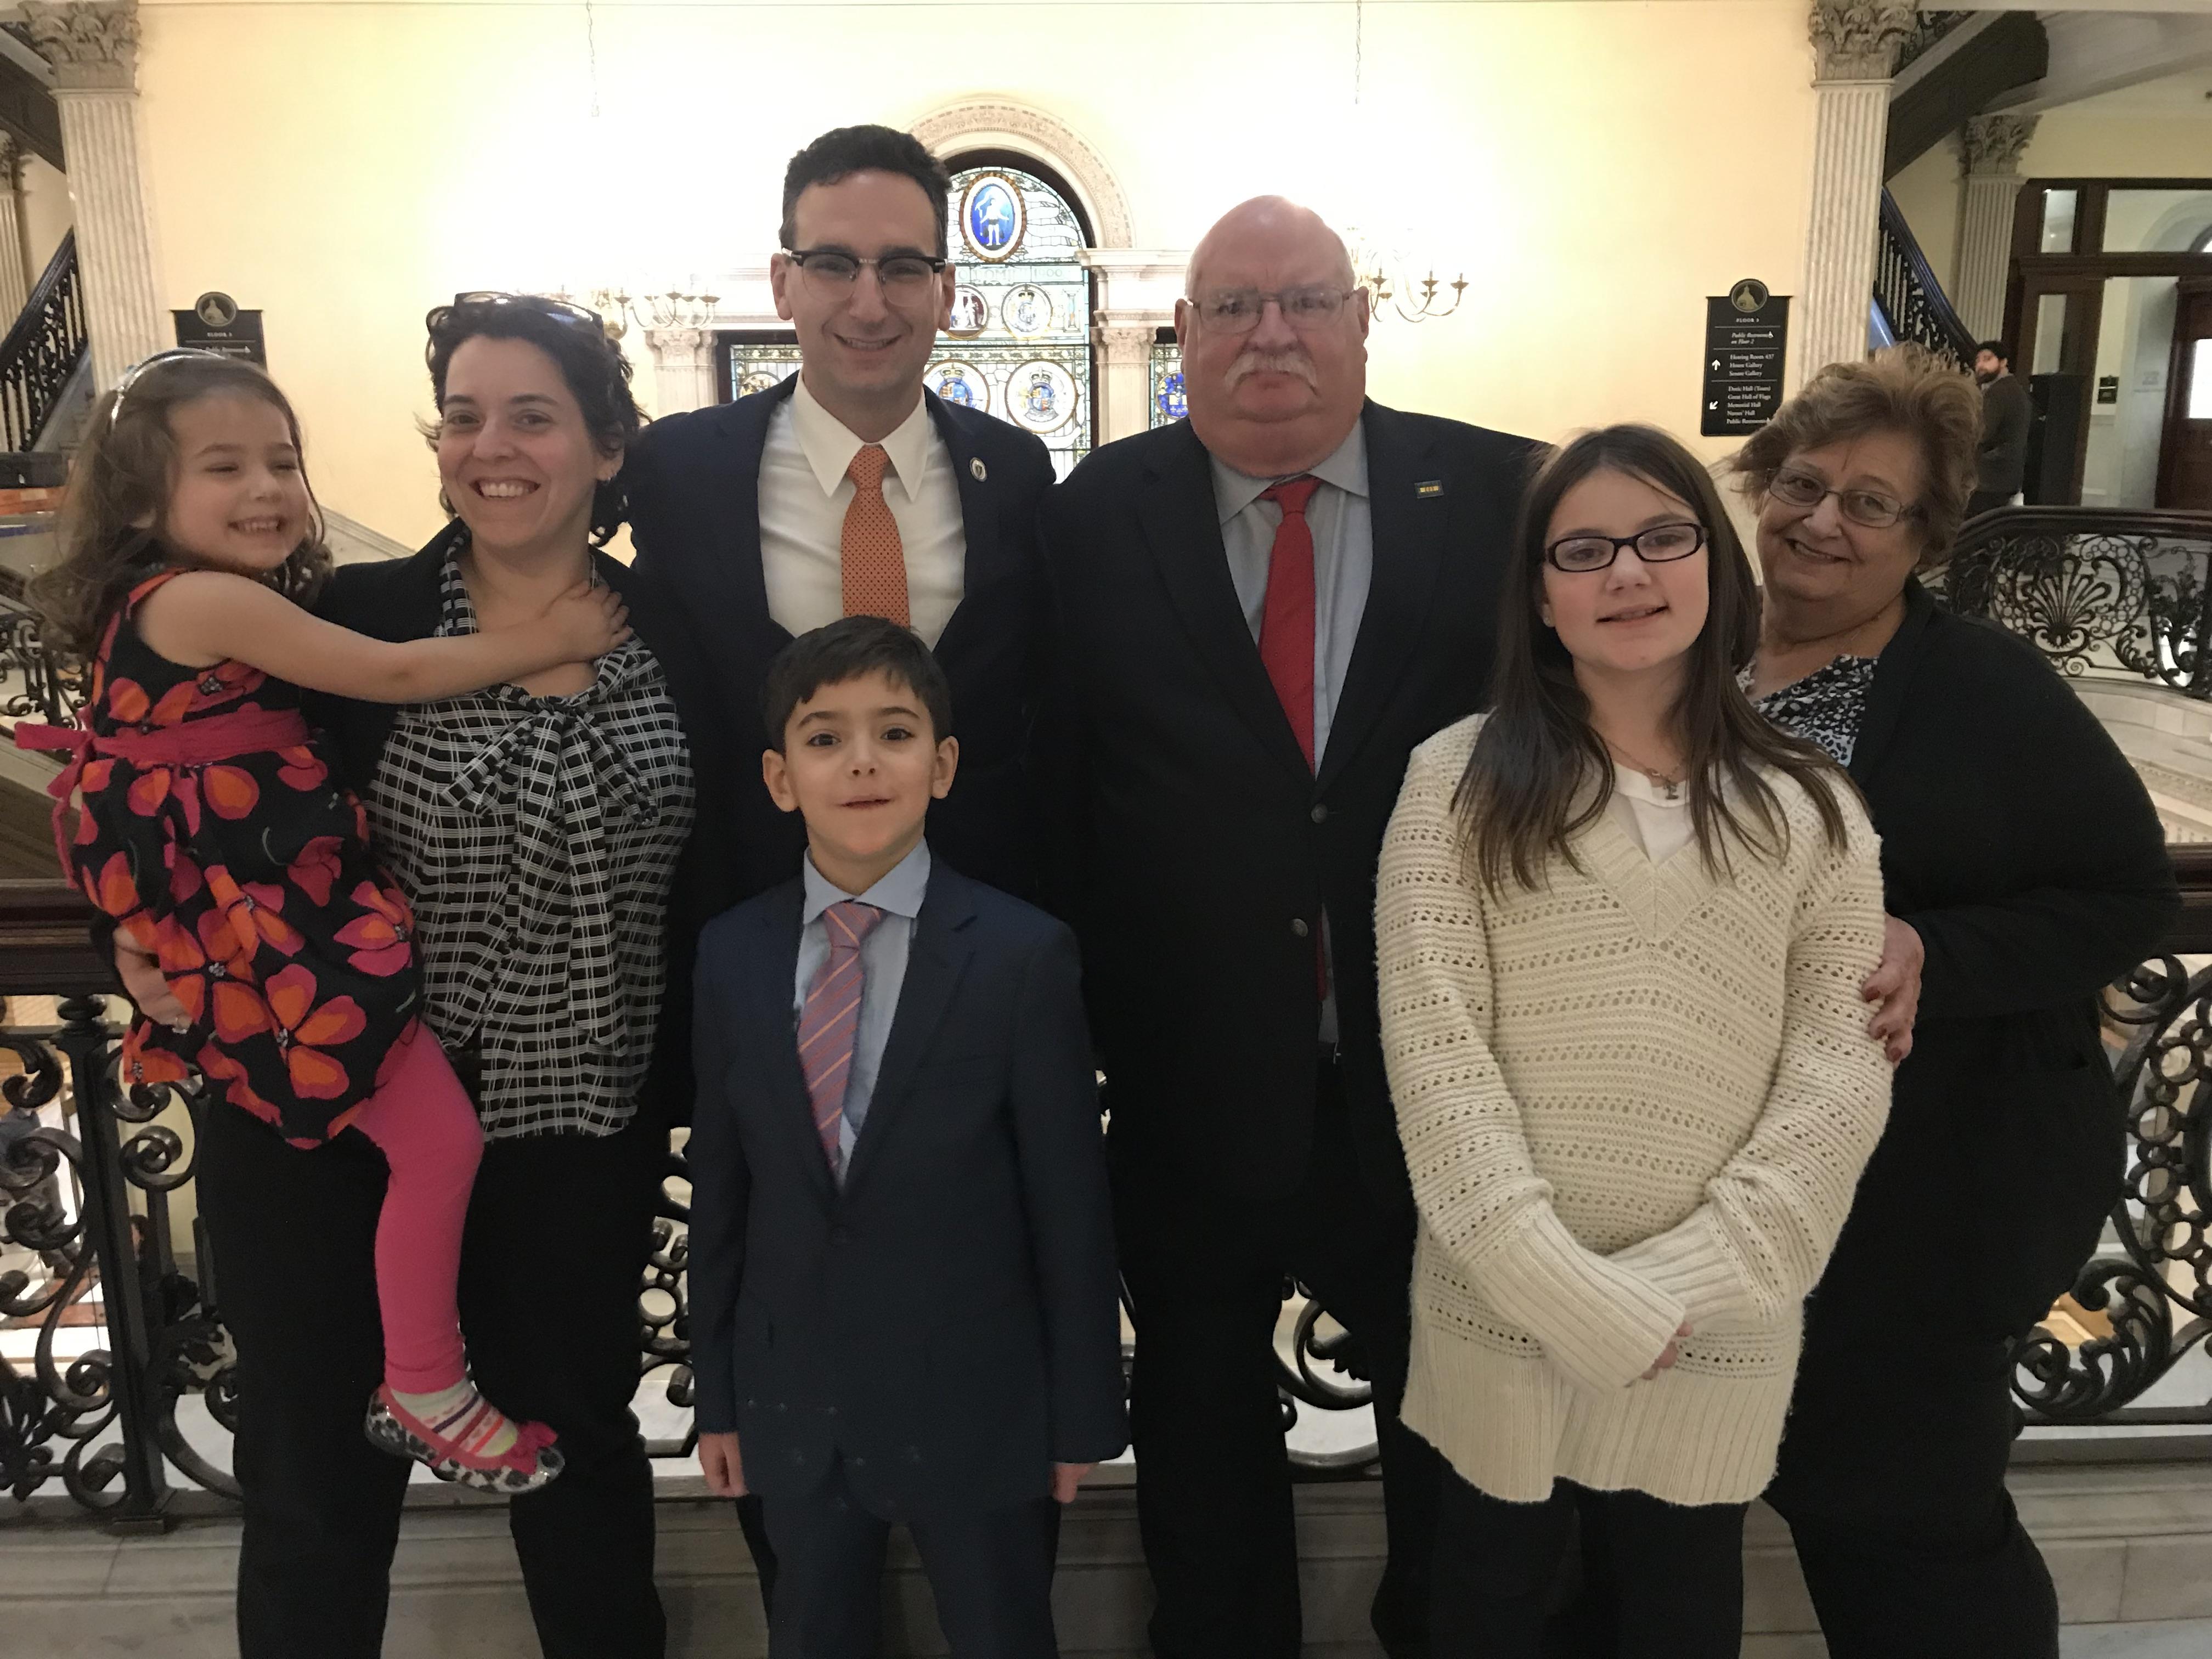 Tommy Vitolo Jenn Taranto kids Rick Vitolo Kathy Vitolo niece